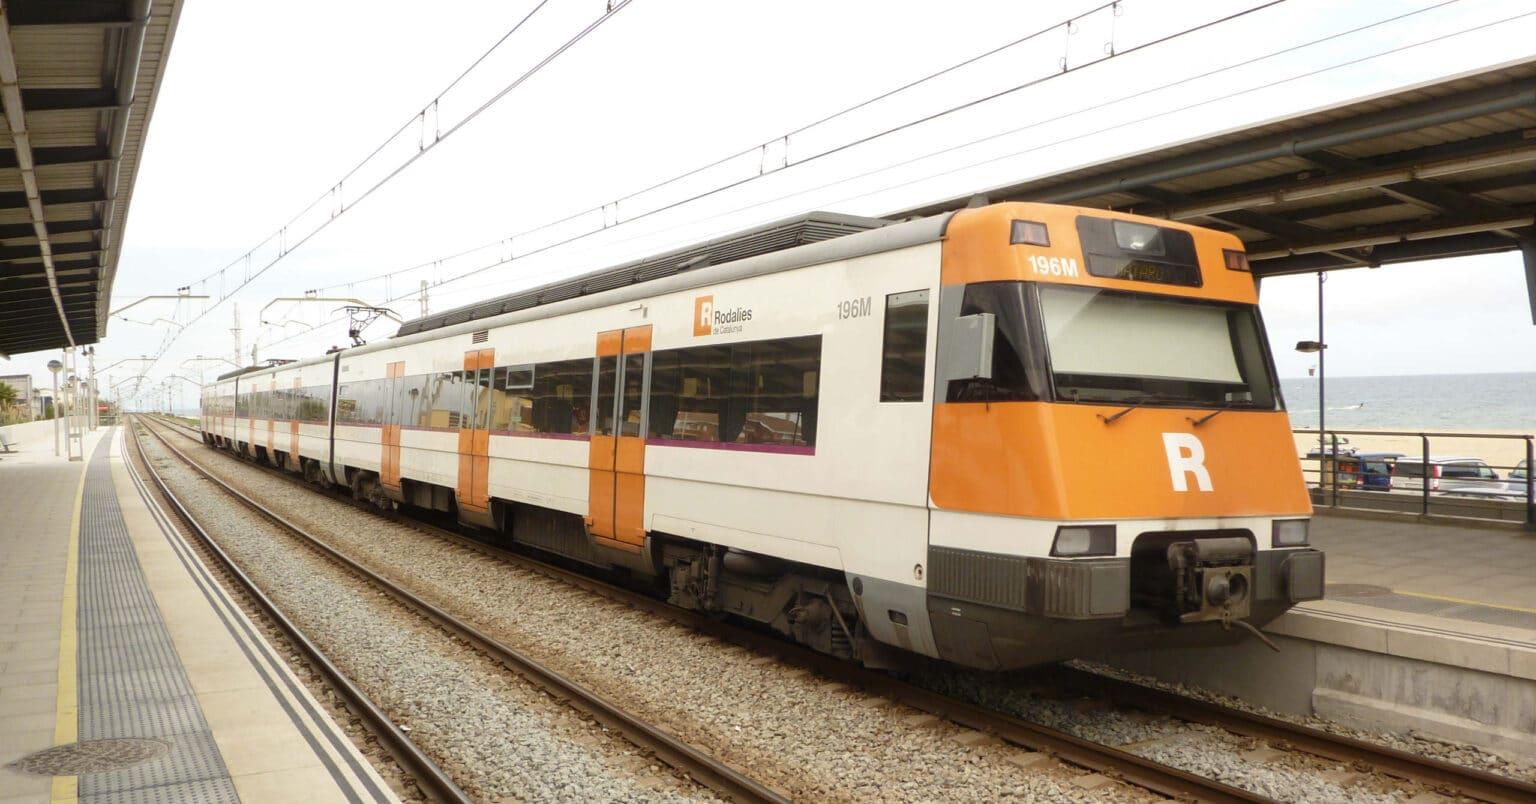 Unidad 447 de Renfe con los colores de Rodalies de Catalunya, esquema que lleva desde que se hiciera la primera fase del traspaso de Rodalies a Cataluña. MIGUEL BUSTOS.